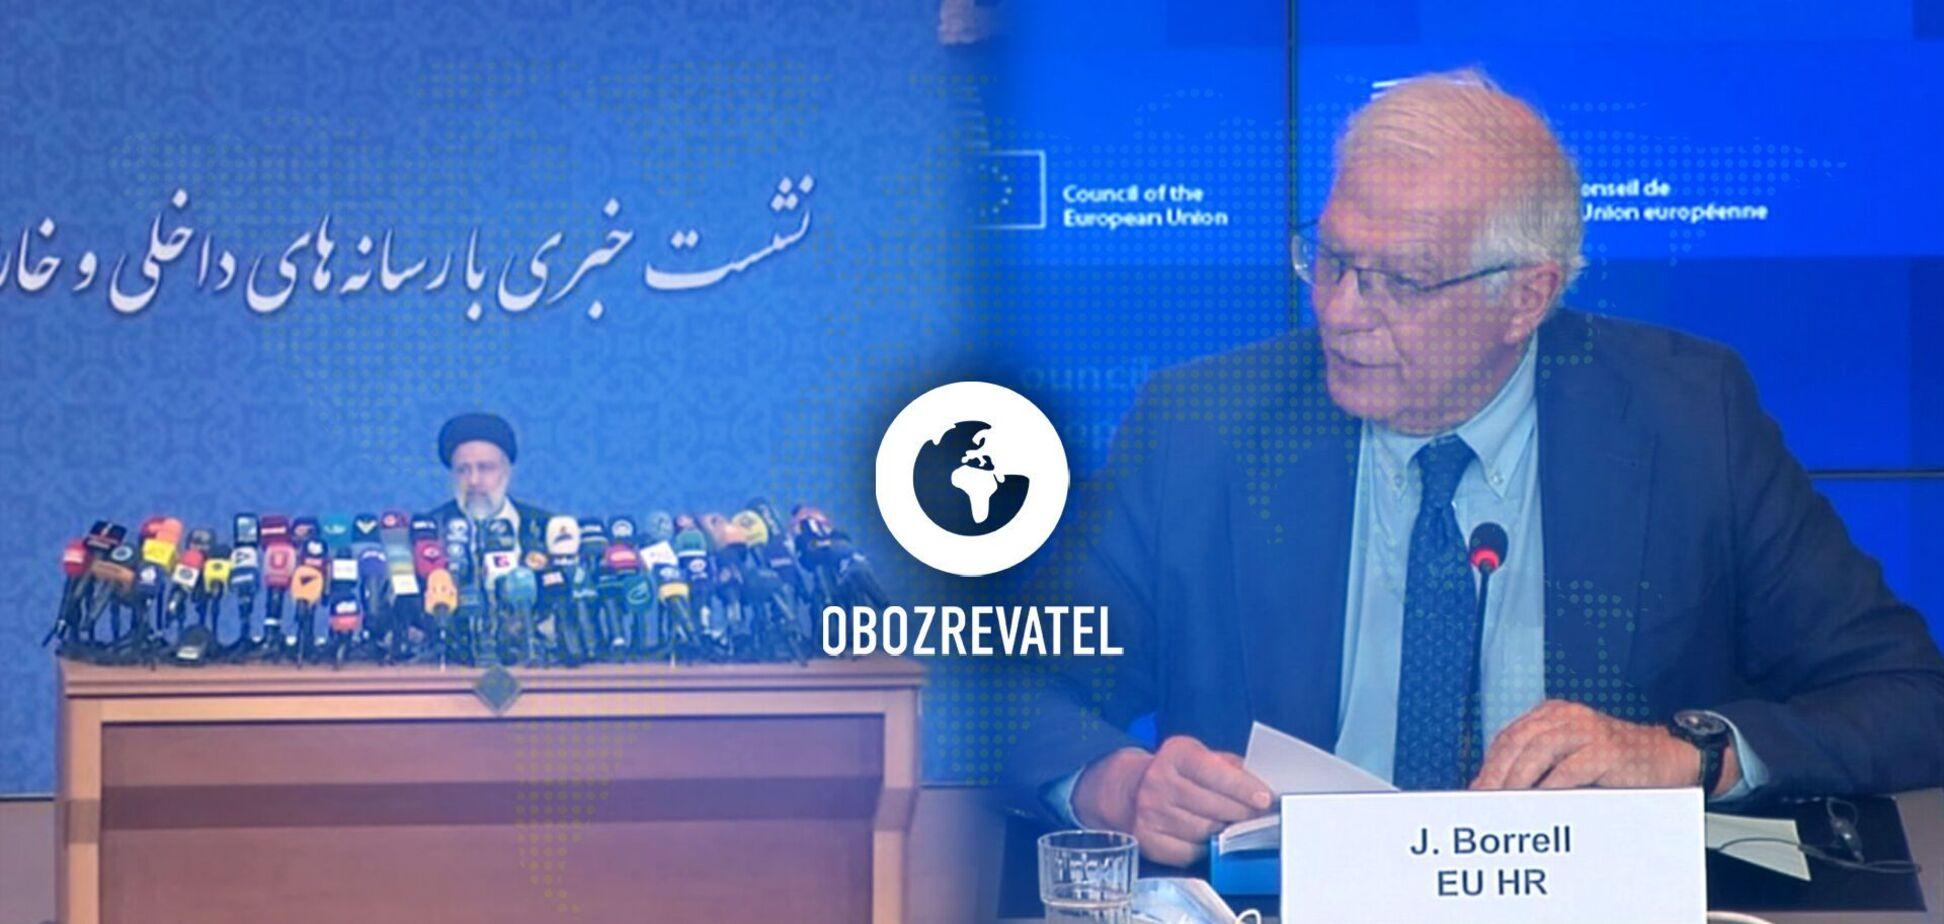 Санкции ЕС против Беларуси и новый президент Ирана – дайджест международных событий